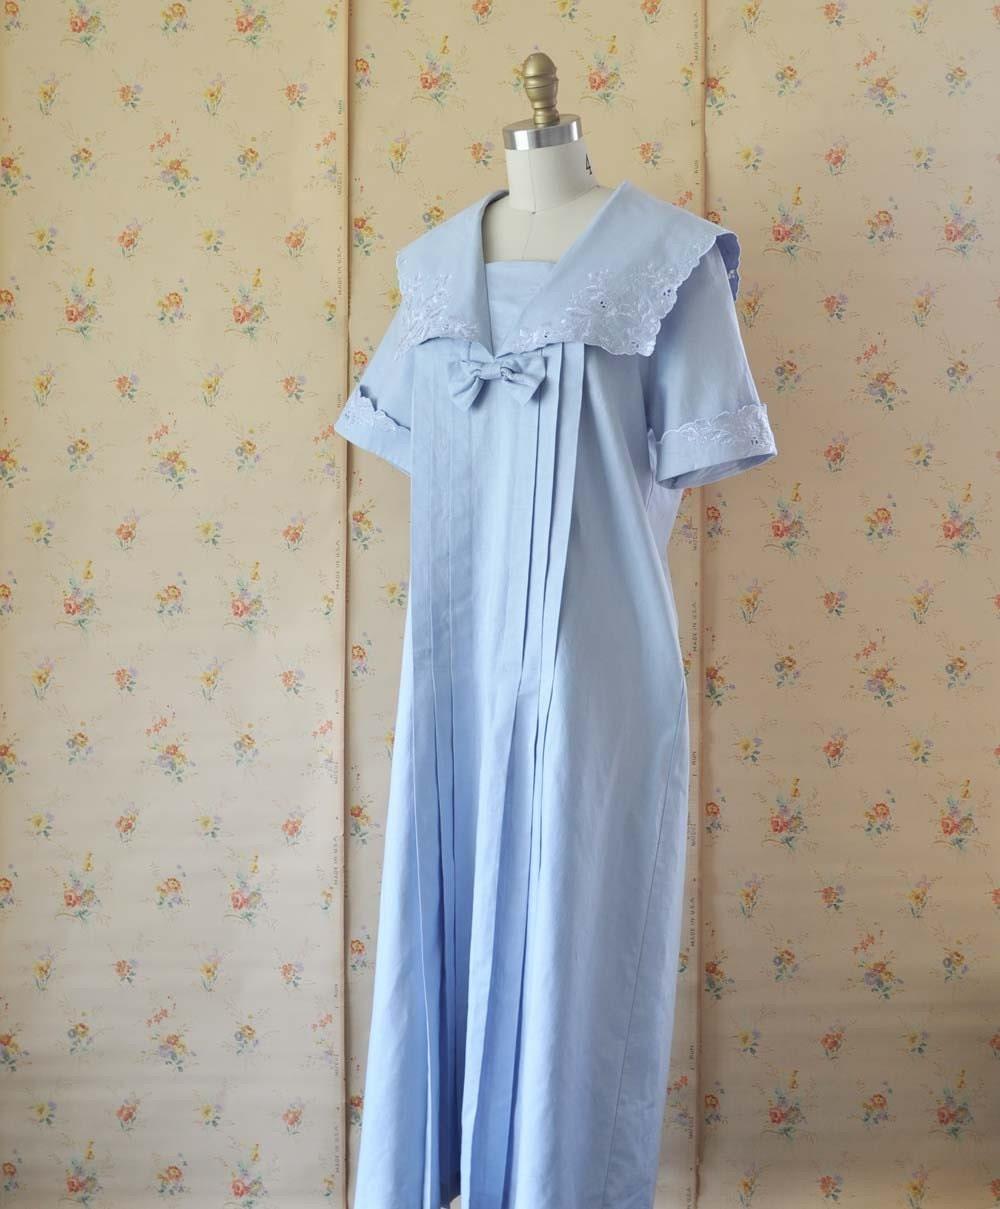 Laura ashley vintage fashion mood boards - Laura ashley online ...